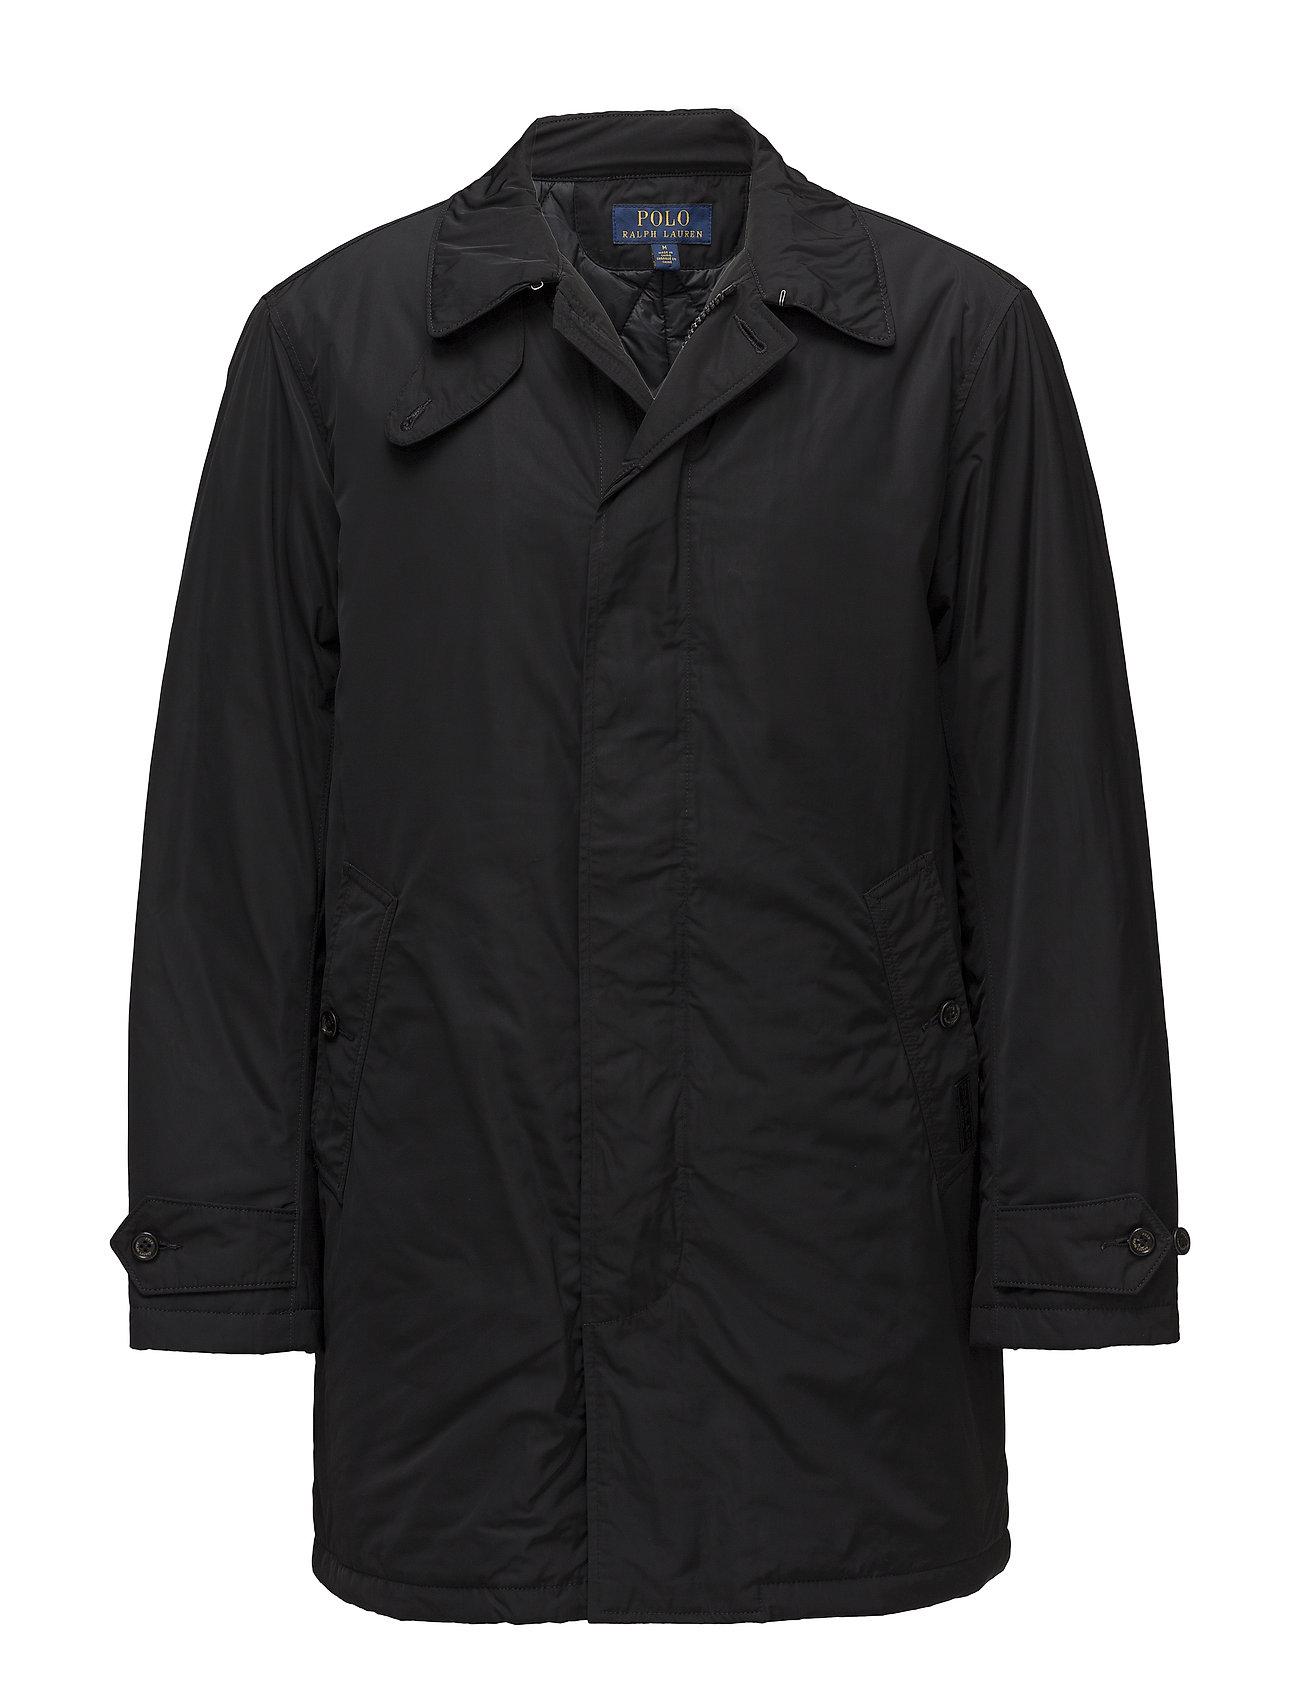 Polo Ralph Lauren Water-Repellent Coat - POLO BLACK